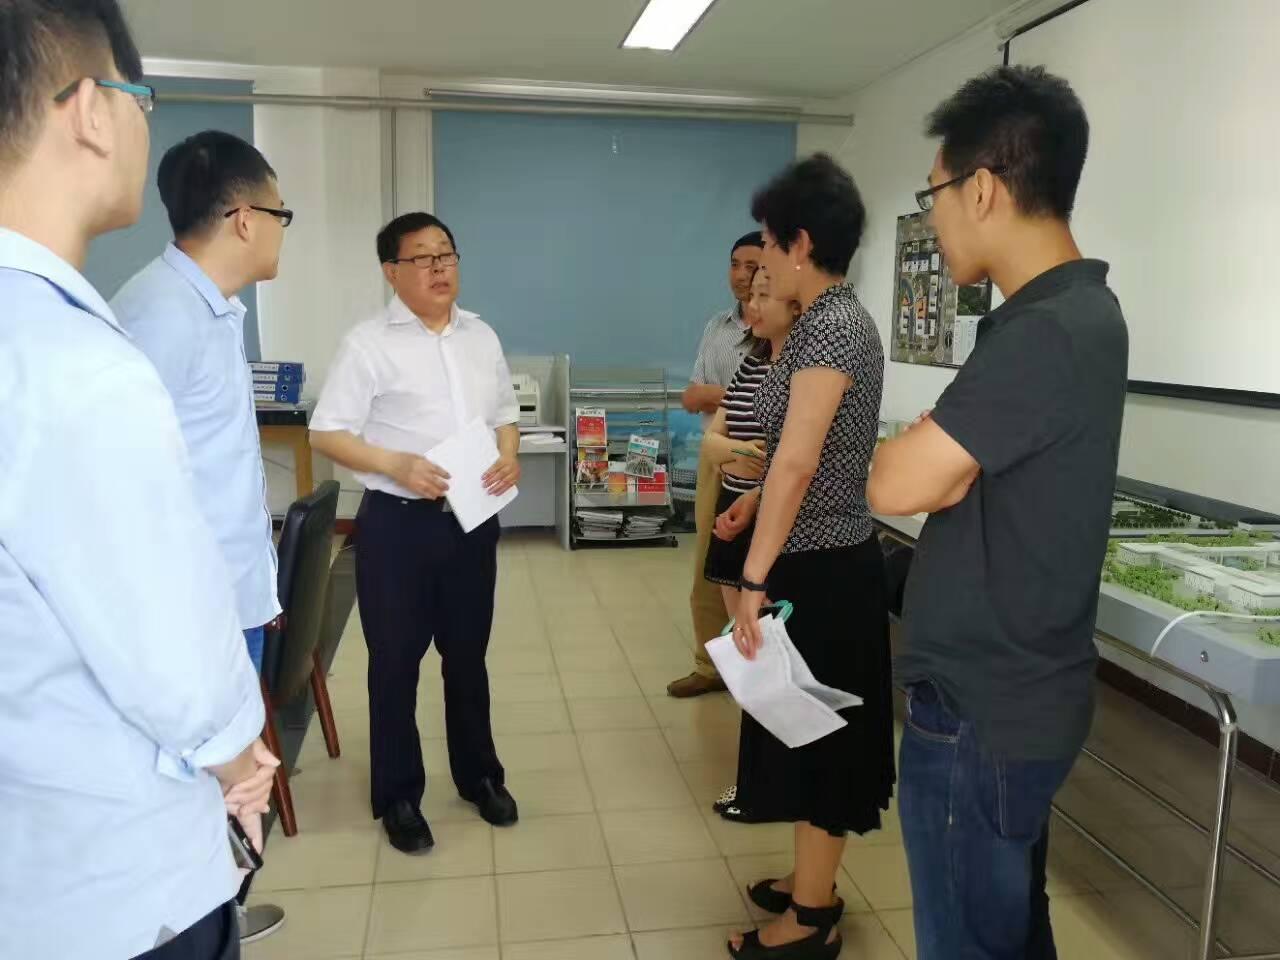 华胜龙腾与北京大学第一医院共同迎接卫生部大型医院巡查